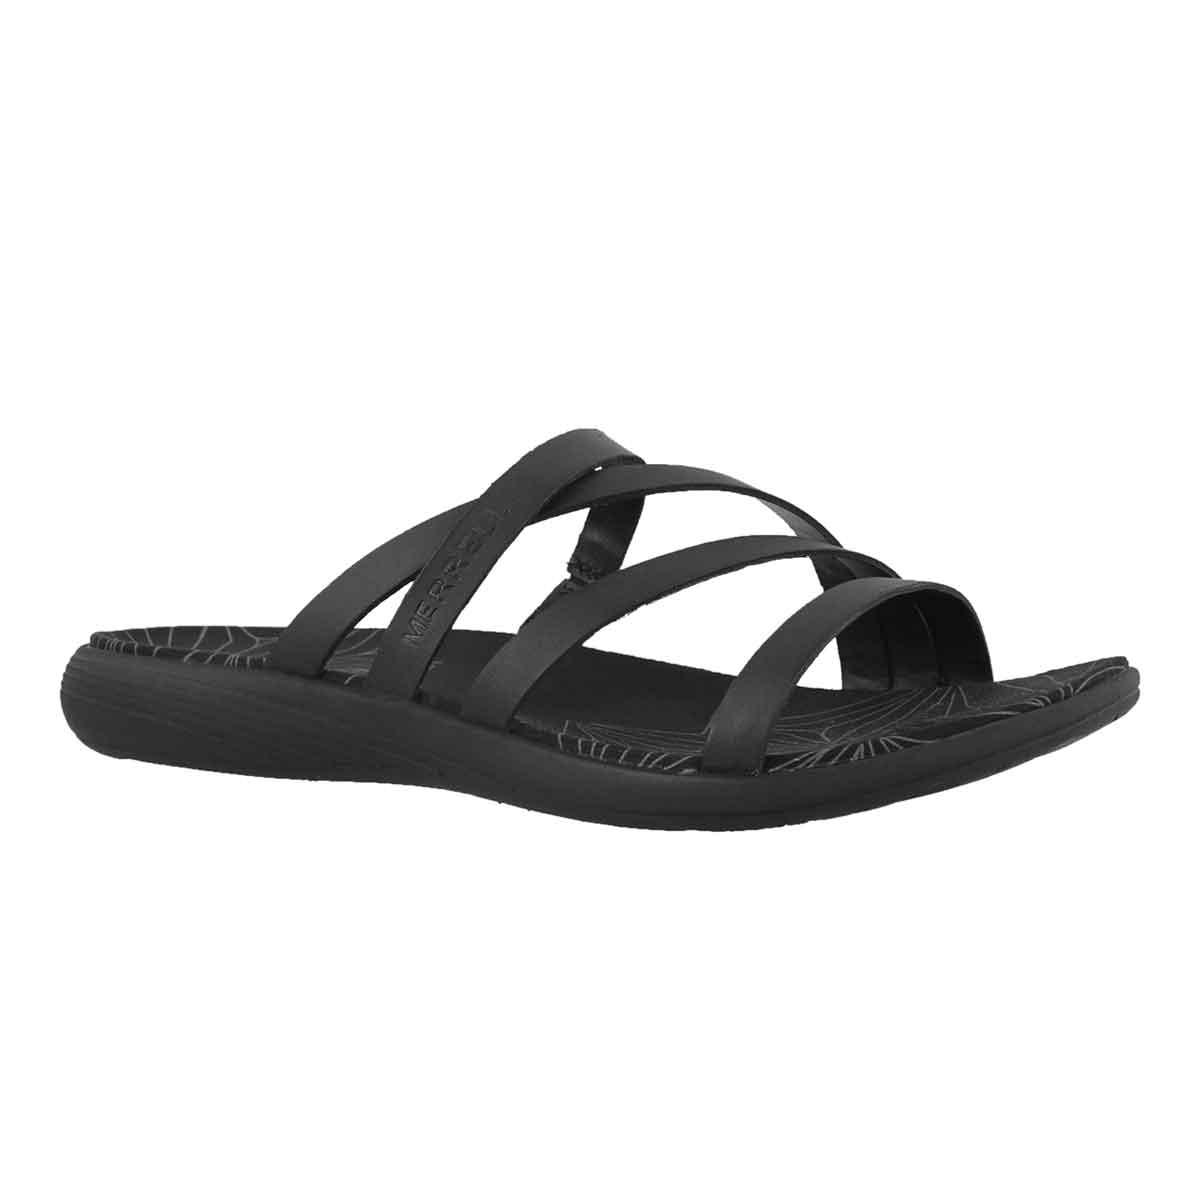 Women's DUSKAIR SEAWAY SLIDE black sandals